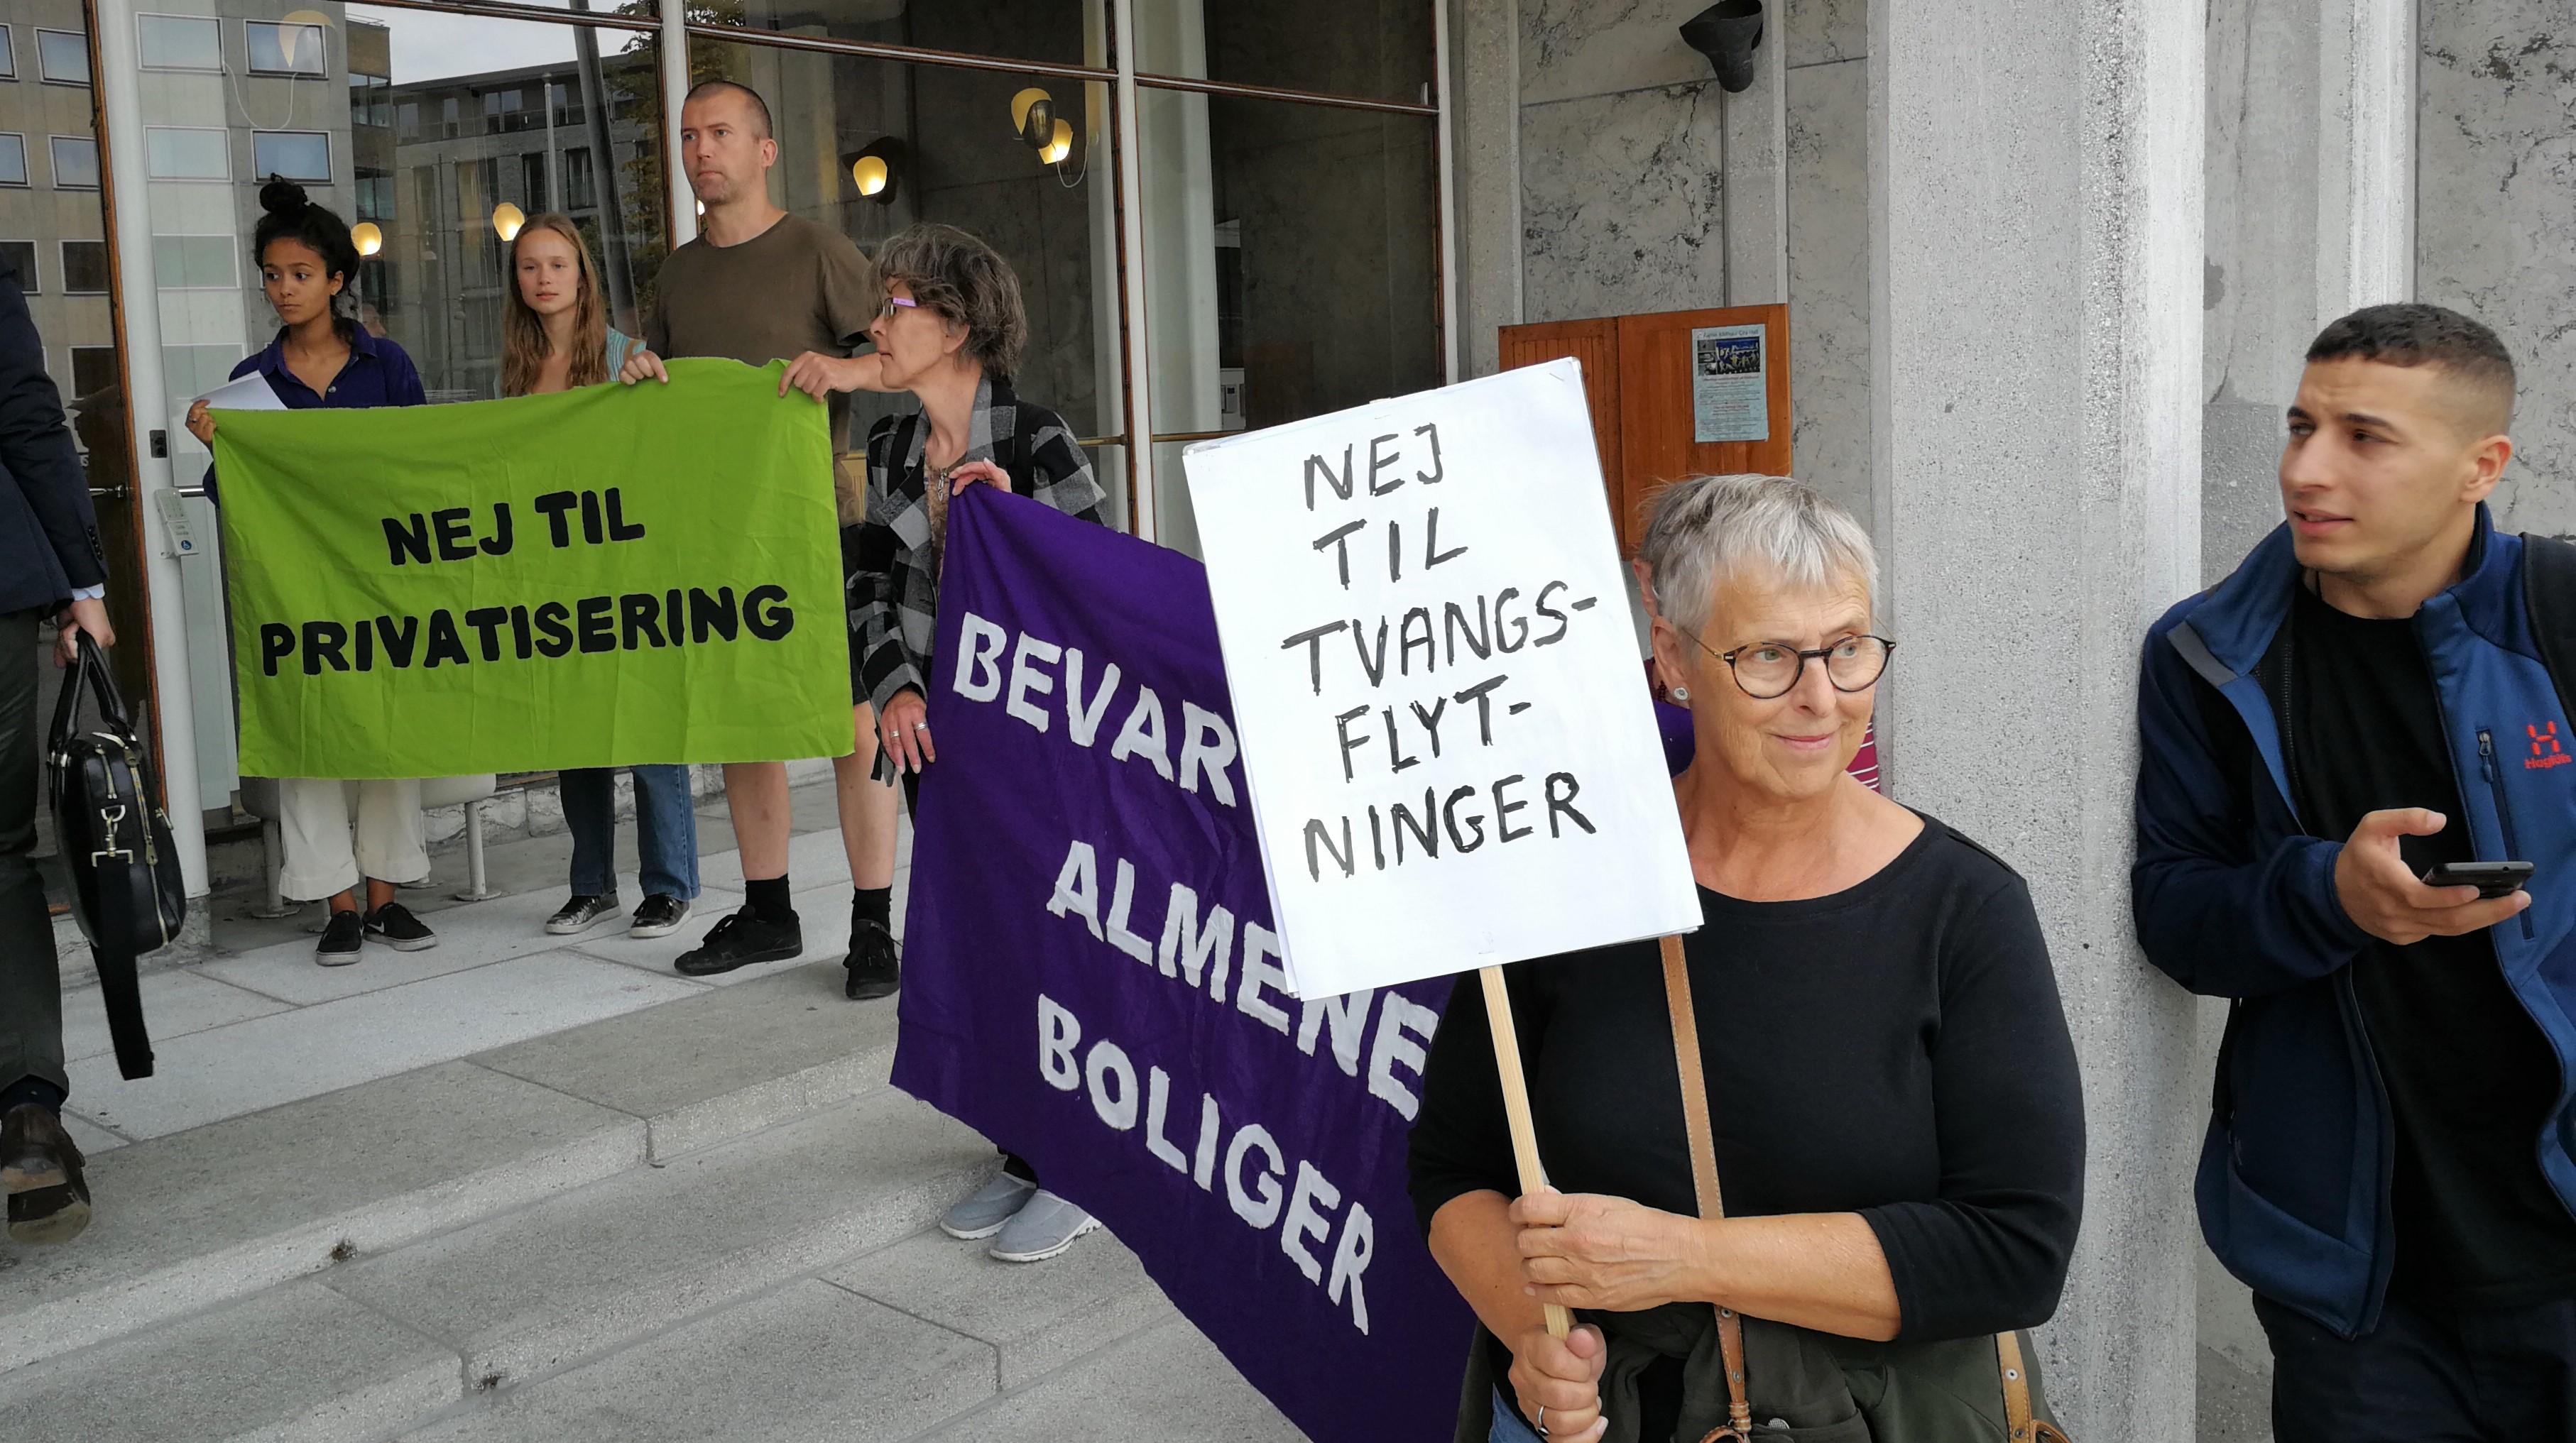 Protest mod nedrivning af almene boliger og tvangsflytning, foran Aarhus Rådhus d. 22.8.2018